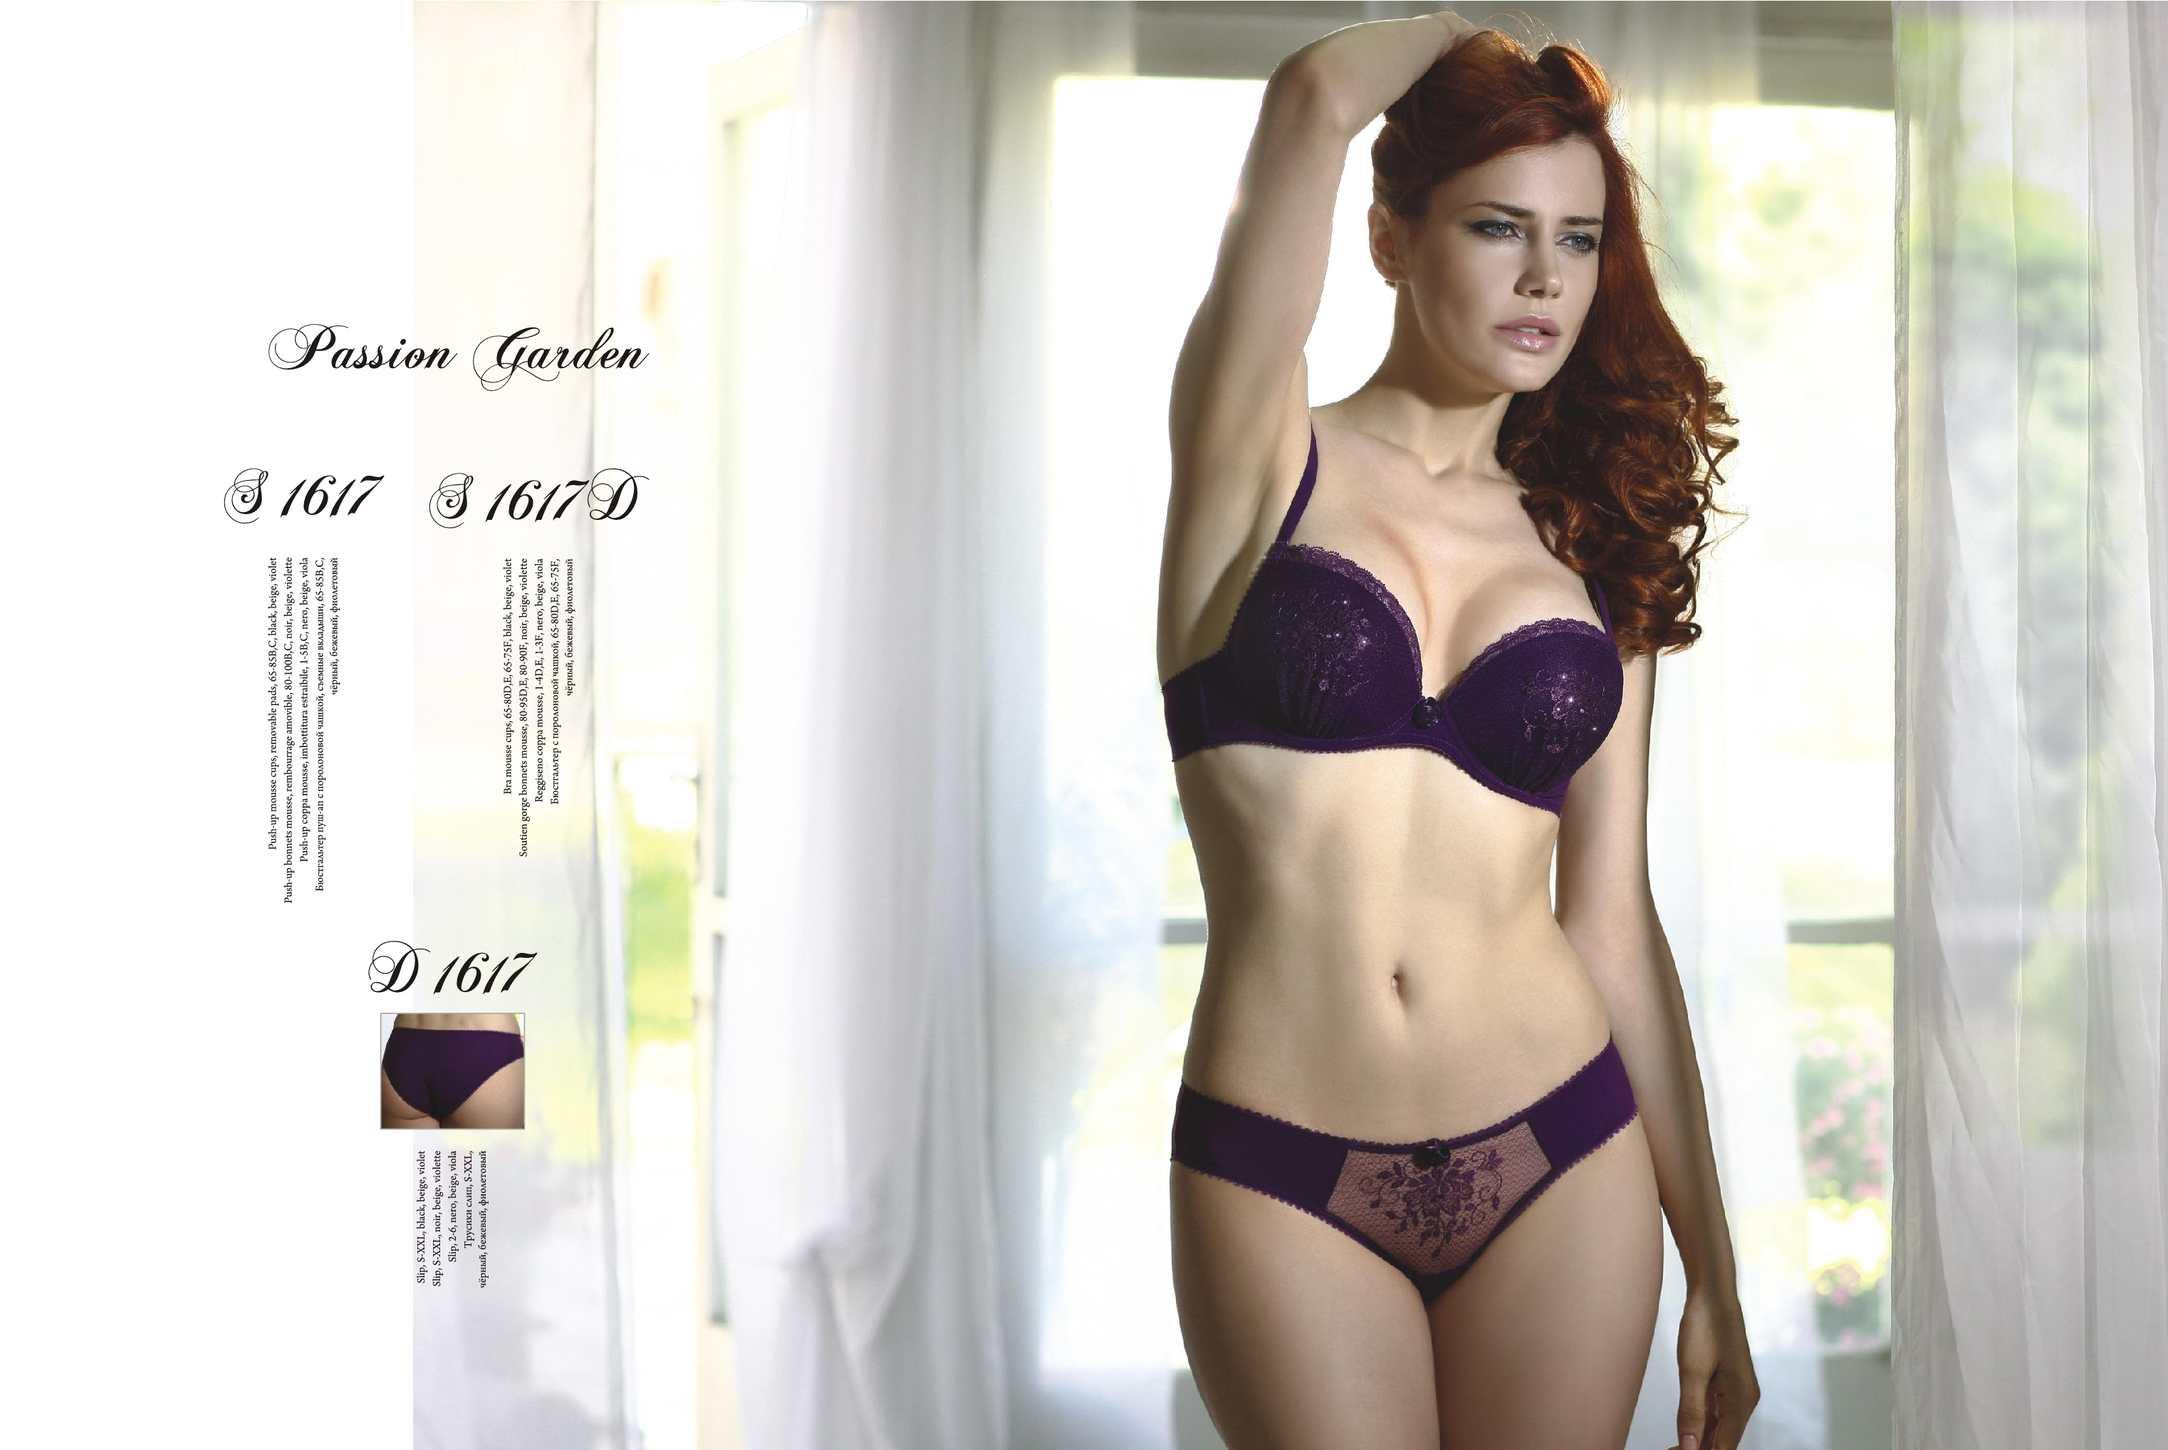 ecf0b59fc328d Jolidon lingerie s/s 2013 - CALAMEO Downloader